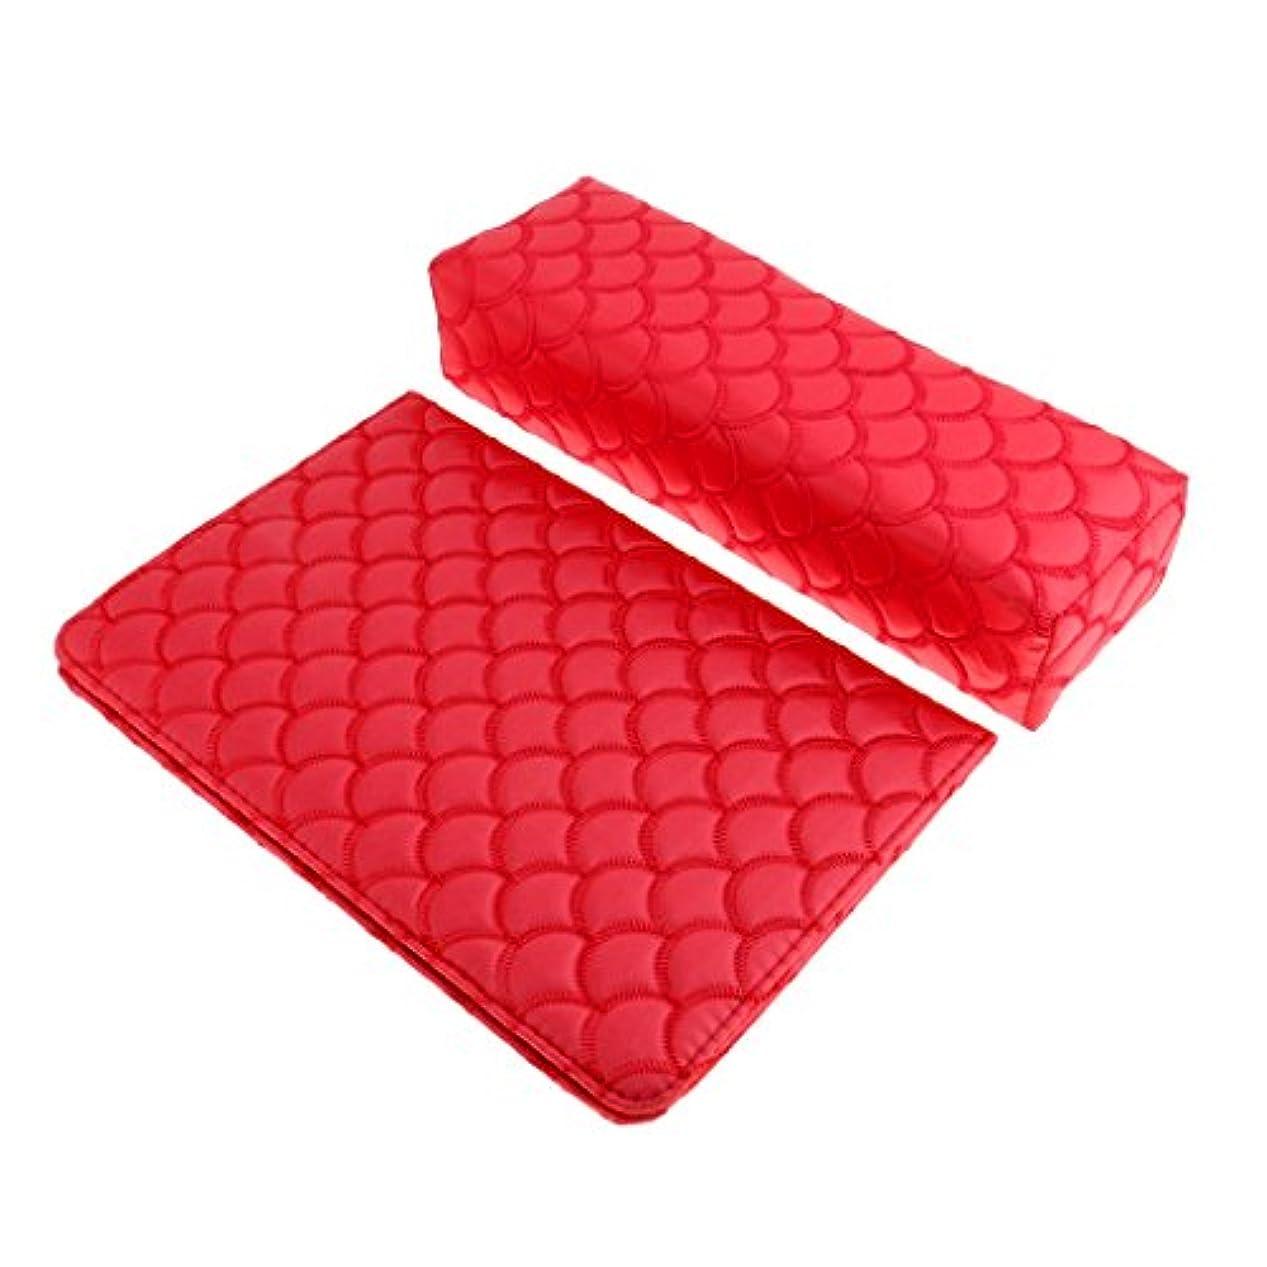 と組む離婚価値のないソフト ハンドクッション ネイルピロー パッド ネイルアート デザイン マニキュア アームレストホルダー 多色選べる - 赤